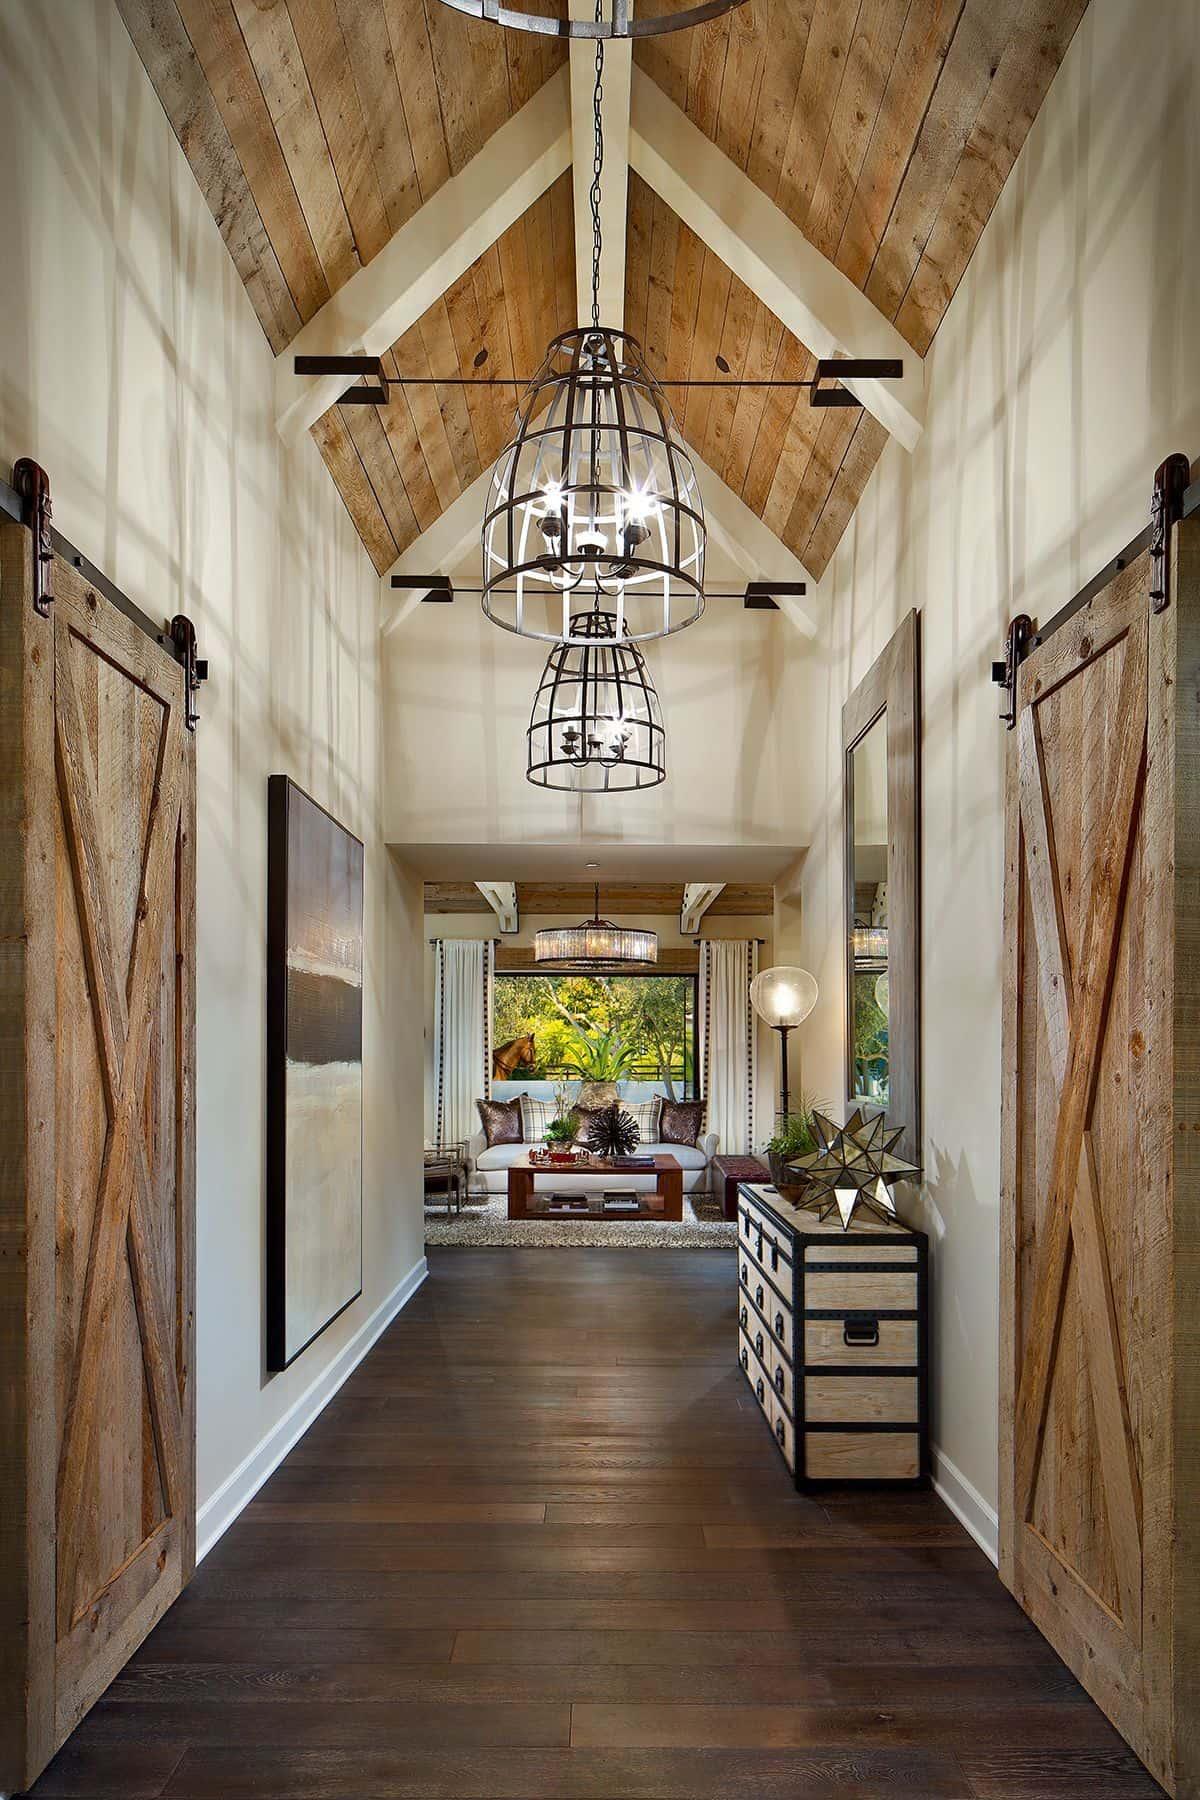 Раздвижные двери в деревенском стиле - изюминка в данном интерьере